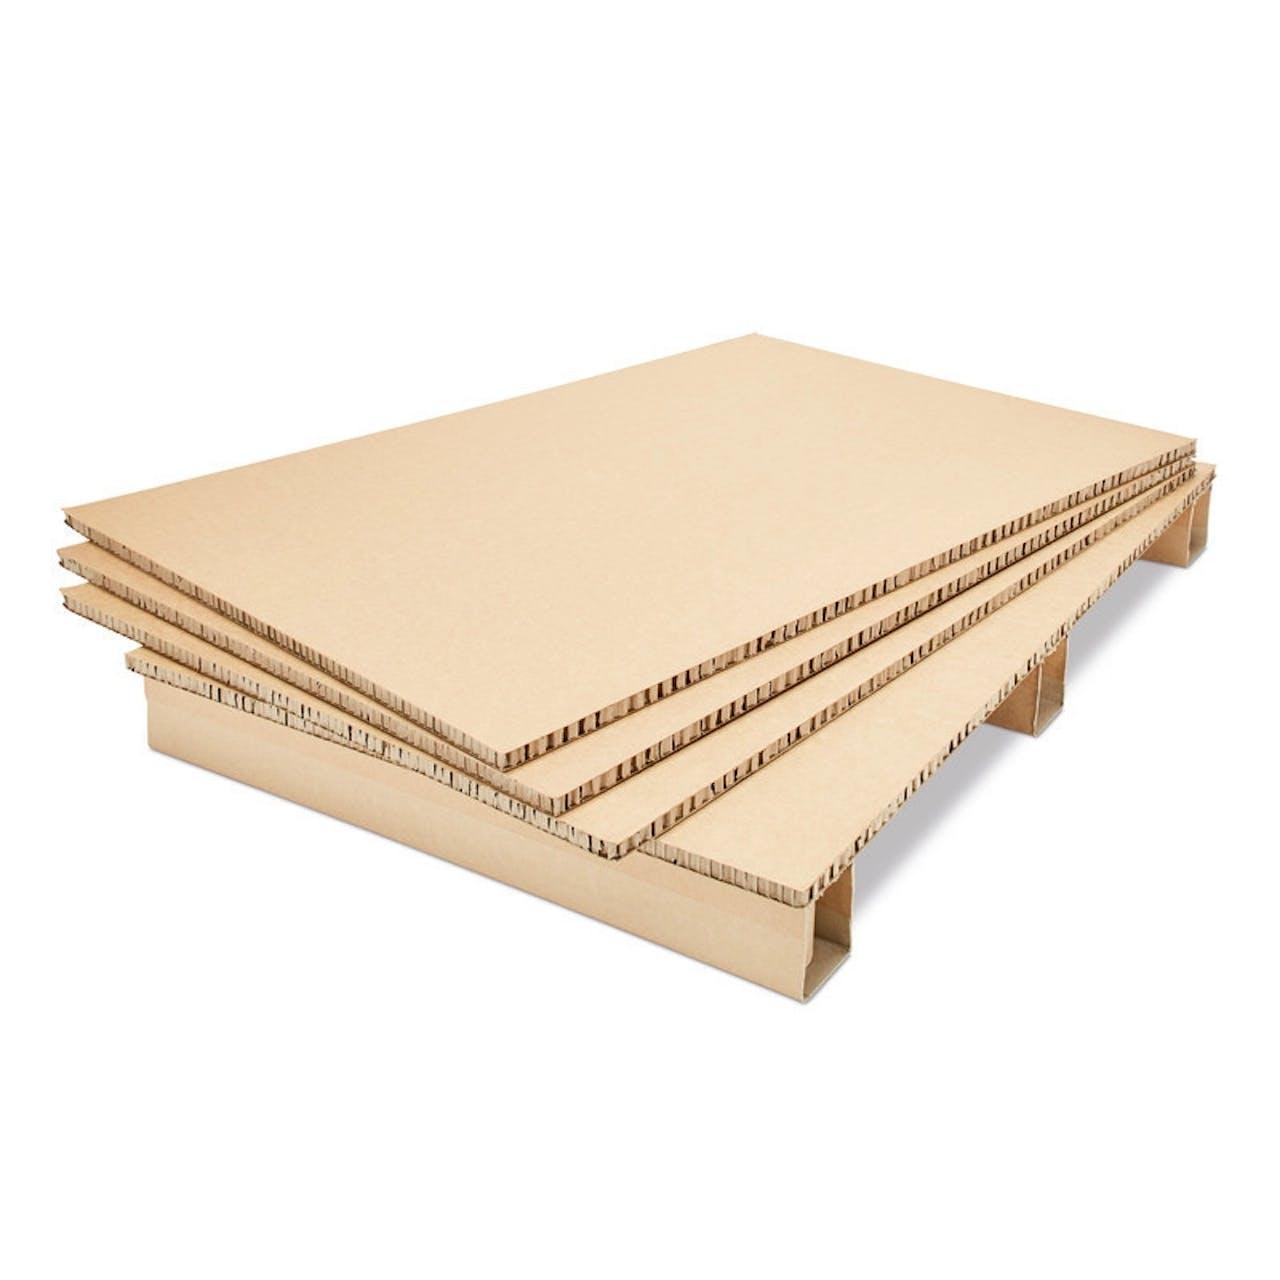 Spar-Sets Wabenplatten-Palette terra mit Zwischenlagen, VAR: wbpp11